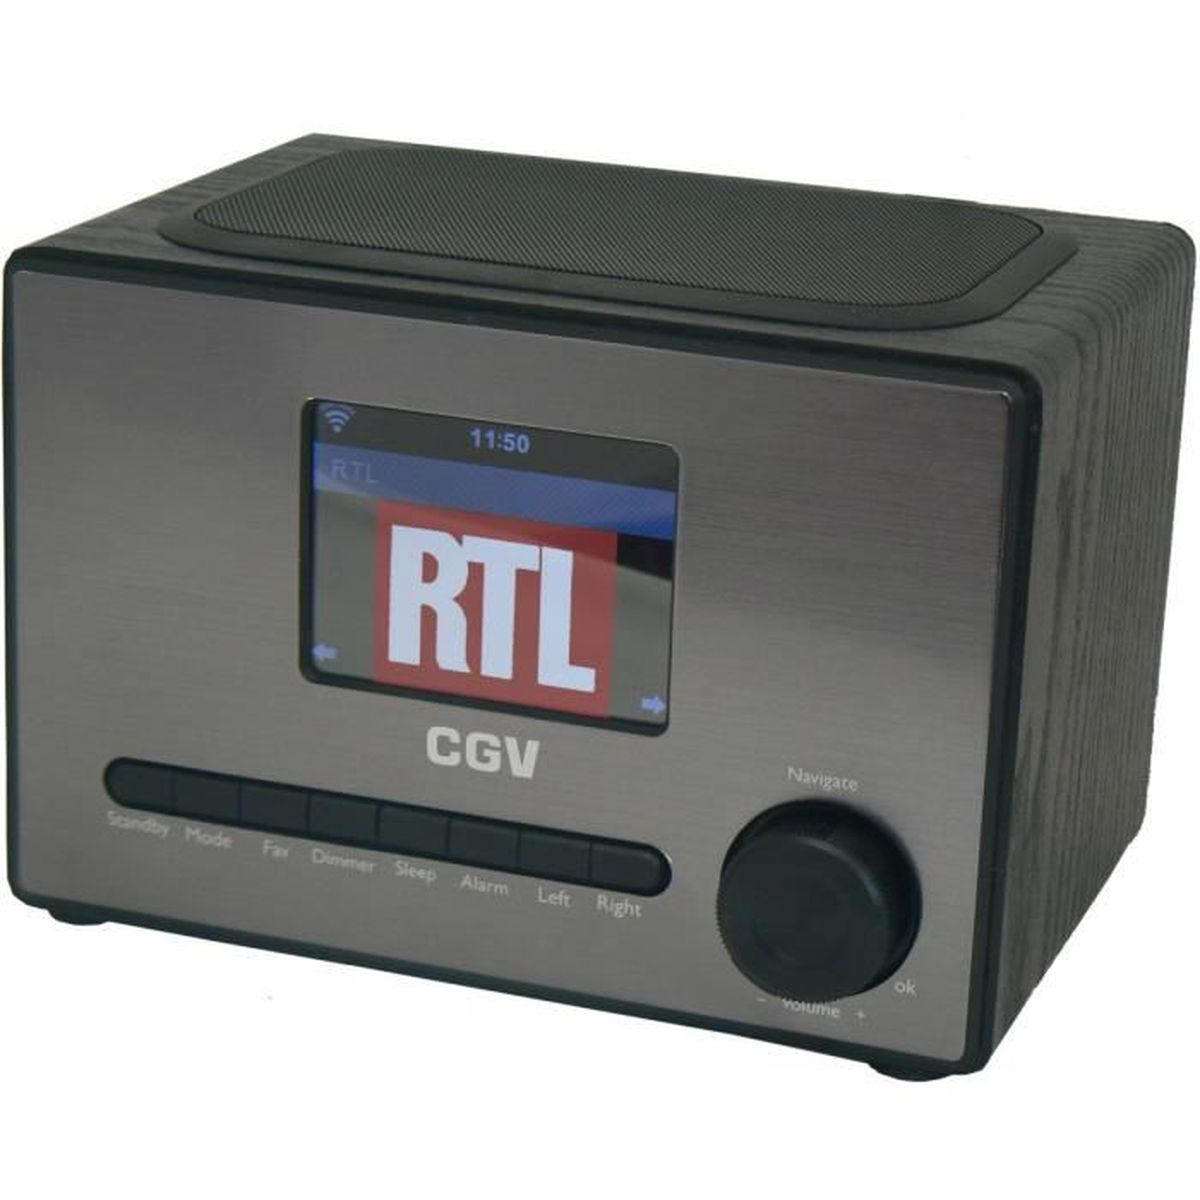 Radio num rique cgv dr 20i radio cd cassette avis et for Radio numerique portable